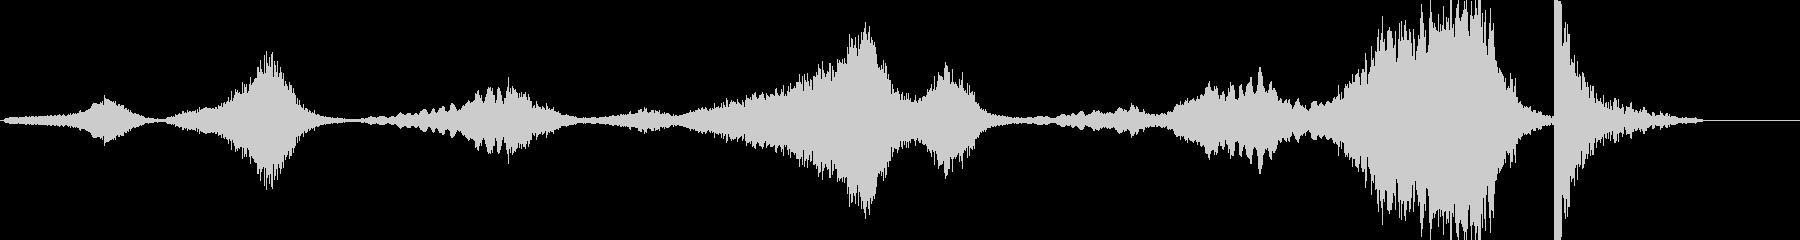 ホラーやサスペンスの恐れるシーン的BGMの未再生の波形